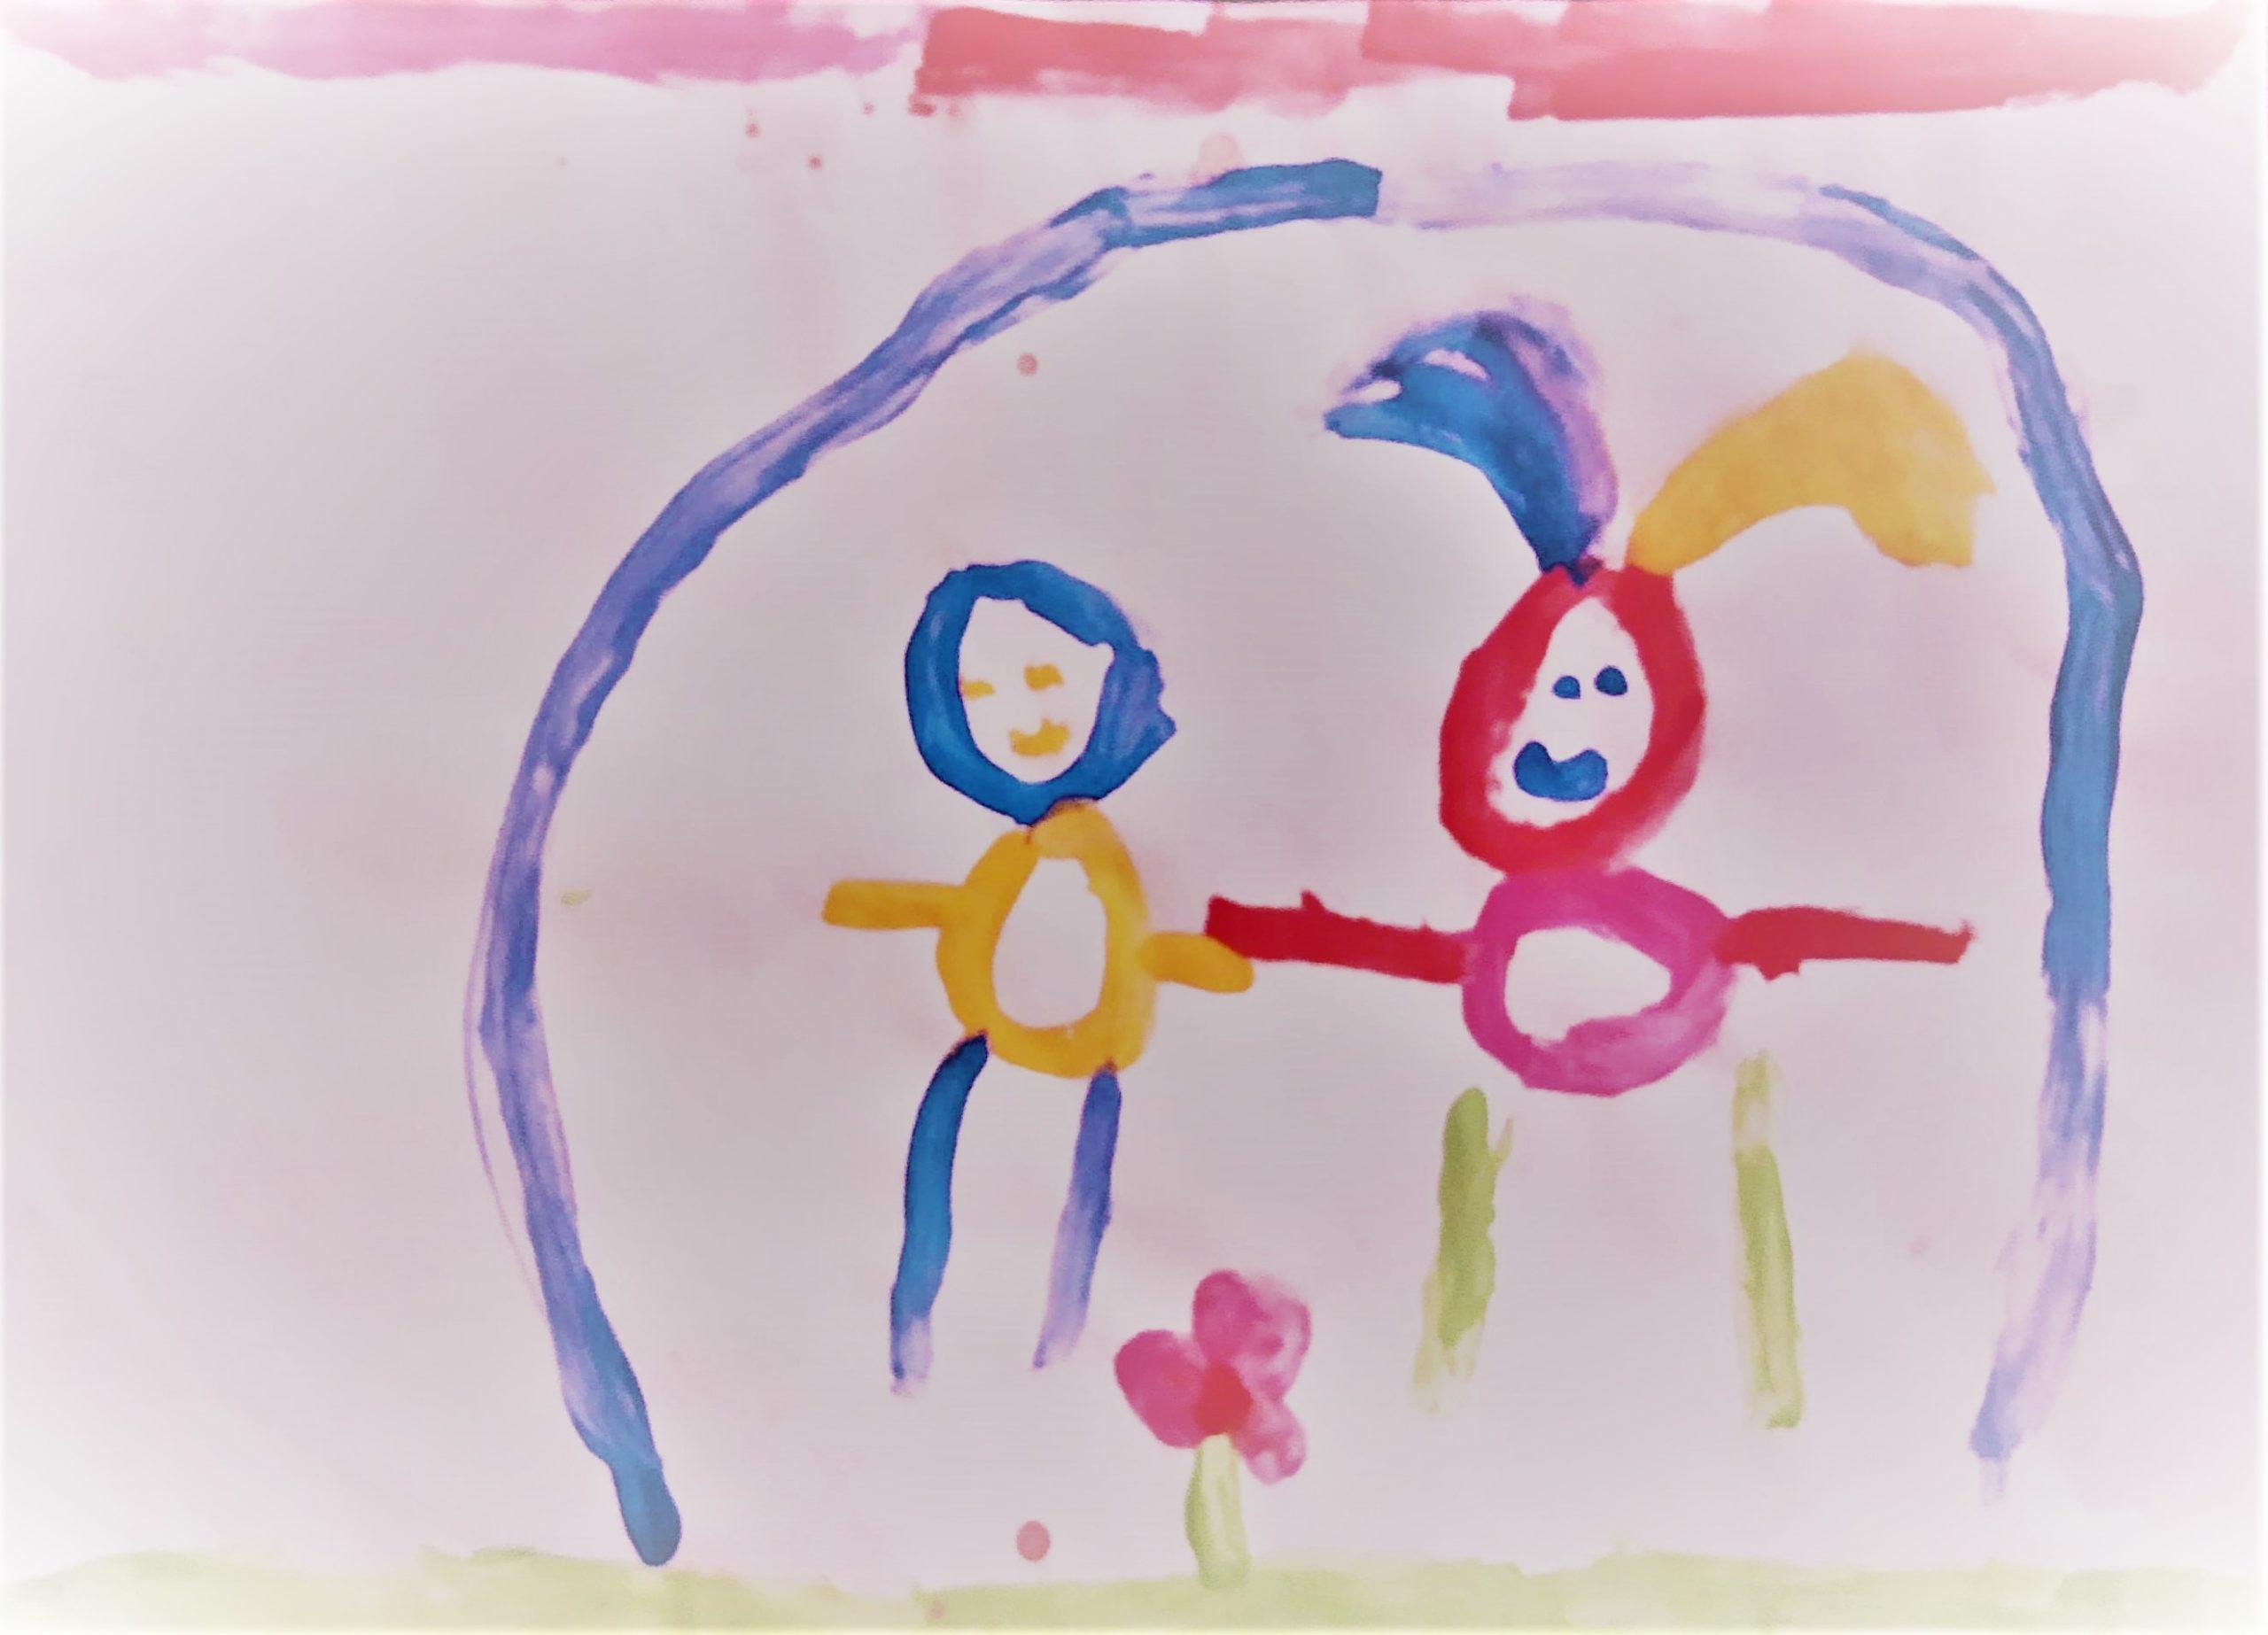 Keturios sąlygos sėkmingai vaiko adaptacijai darželyje